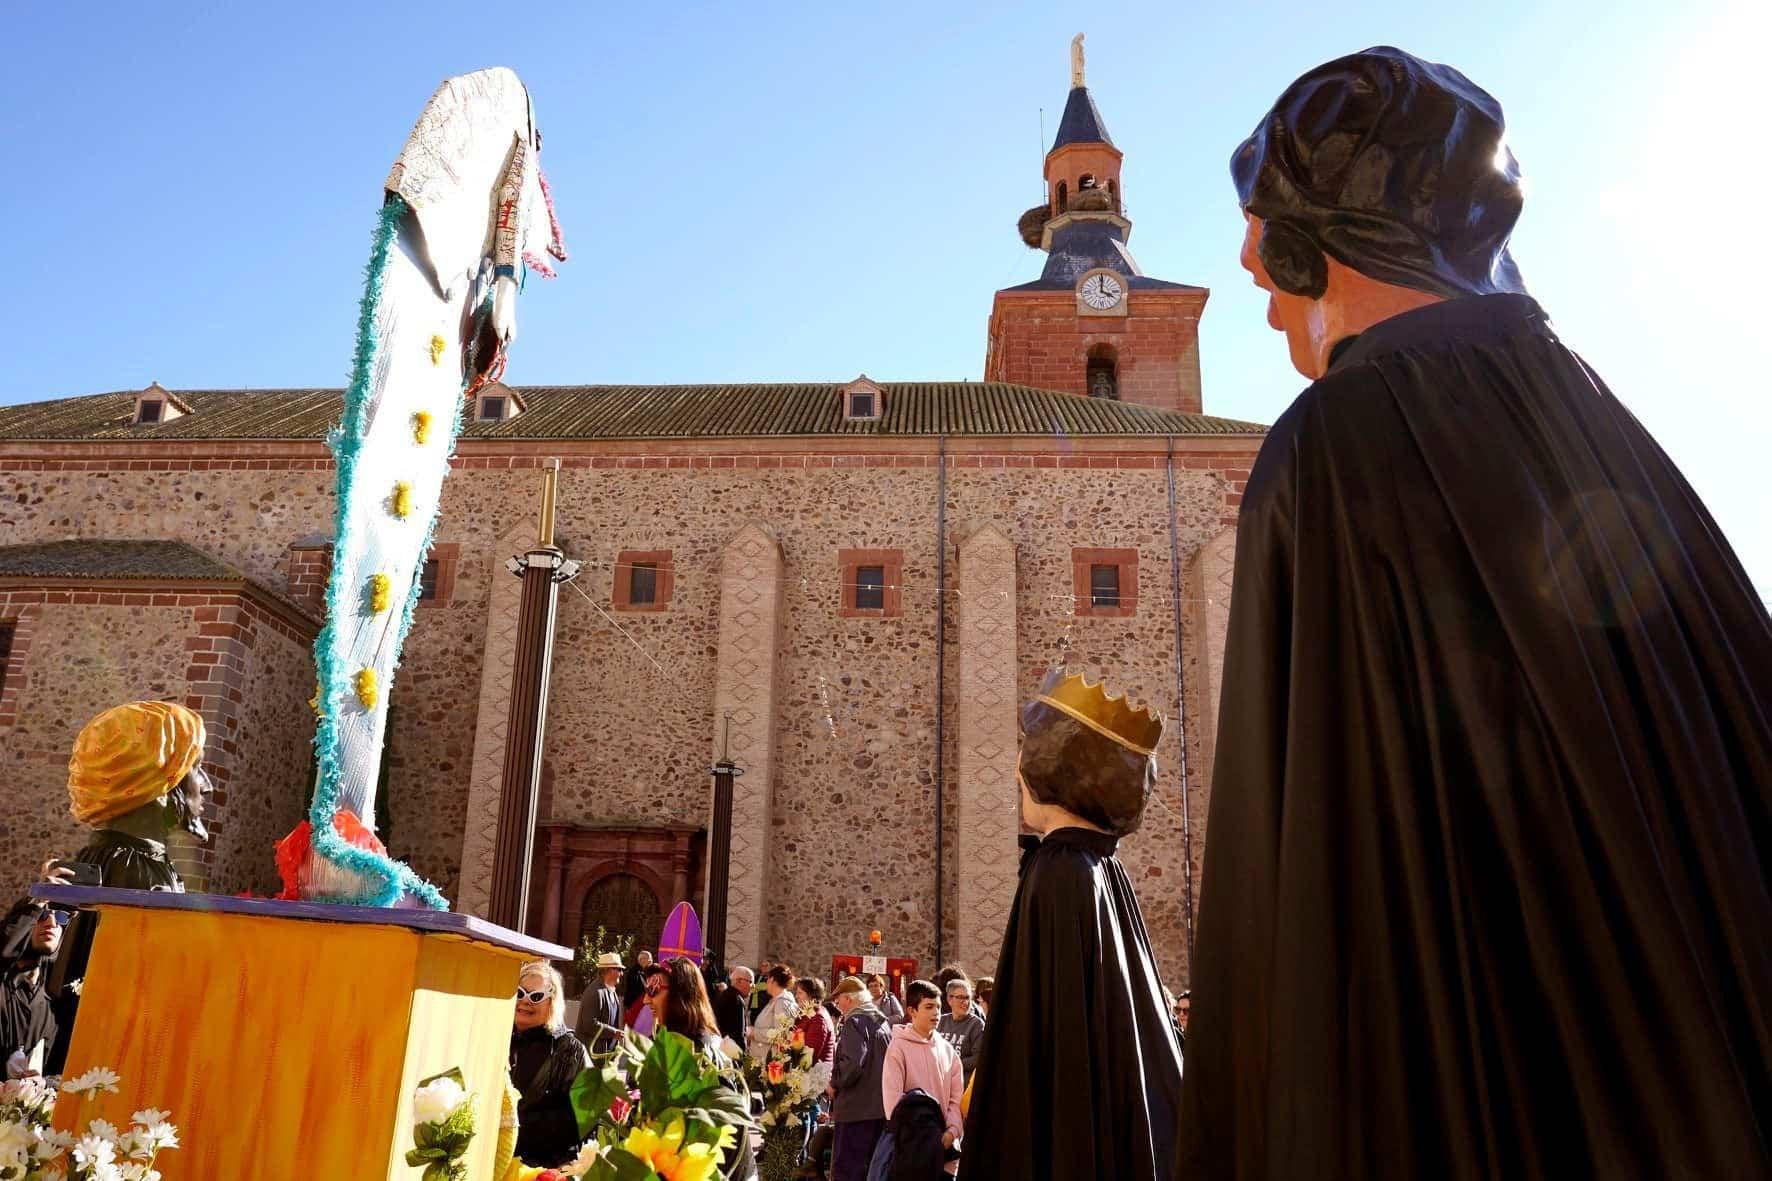 Carnaval de Herencia 2020 entierro sardina 2 - El Entierro de la Sardina 2020 del Carnaval de Herencia